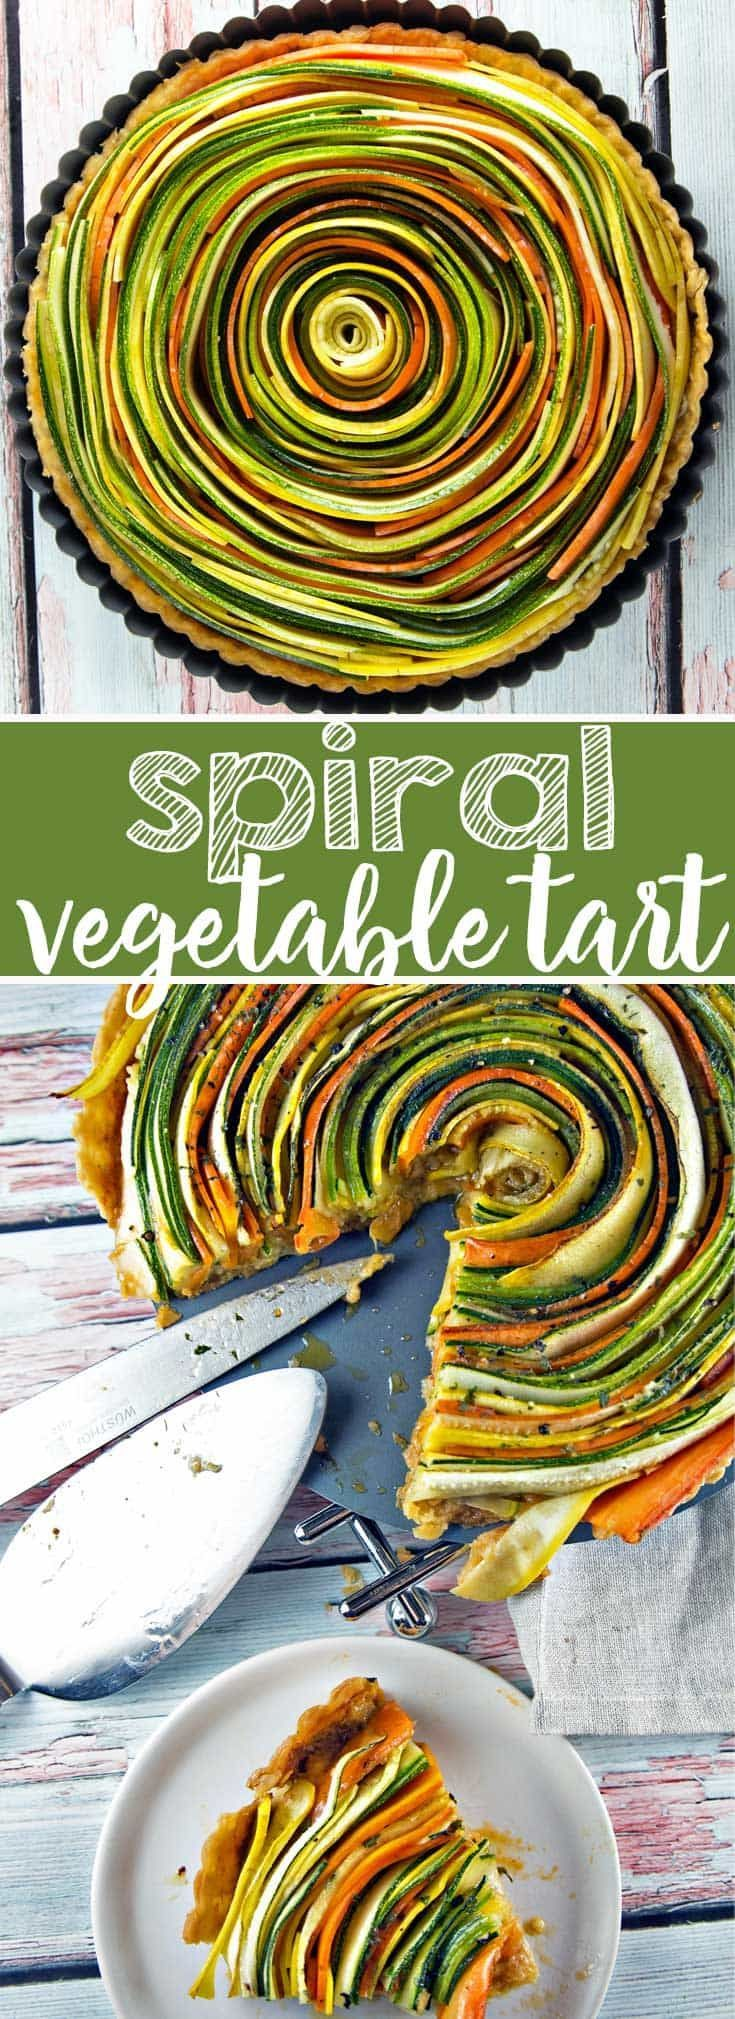 Spiral Vegetable Tart: Thinly sliced summer vegetables are the visual star of this spiral vegetable tart. Vegetarian | Vegan | Gluten Free {Bunsen Burner Bakery}